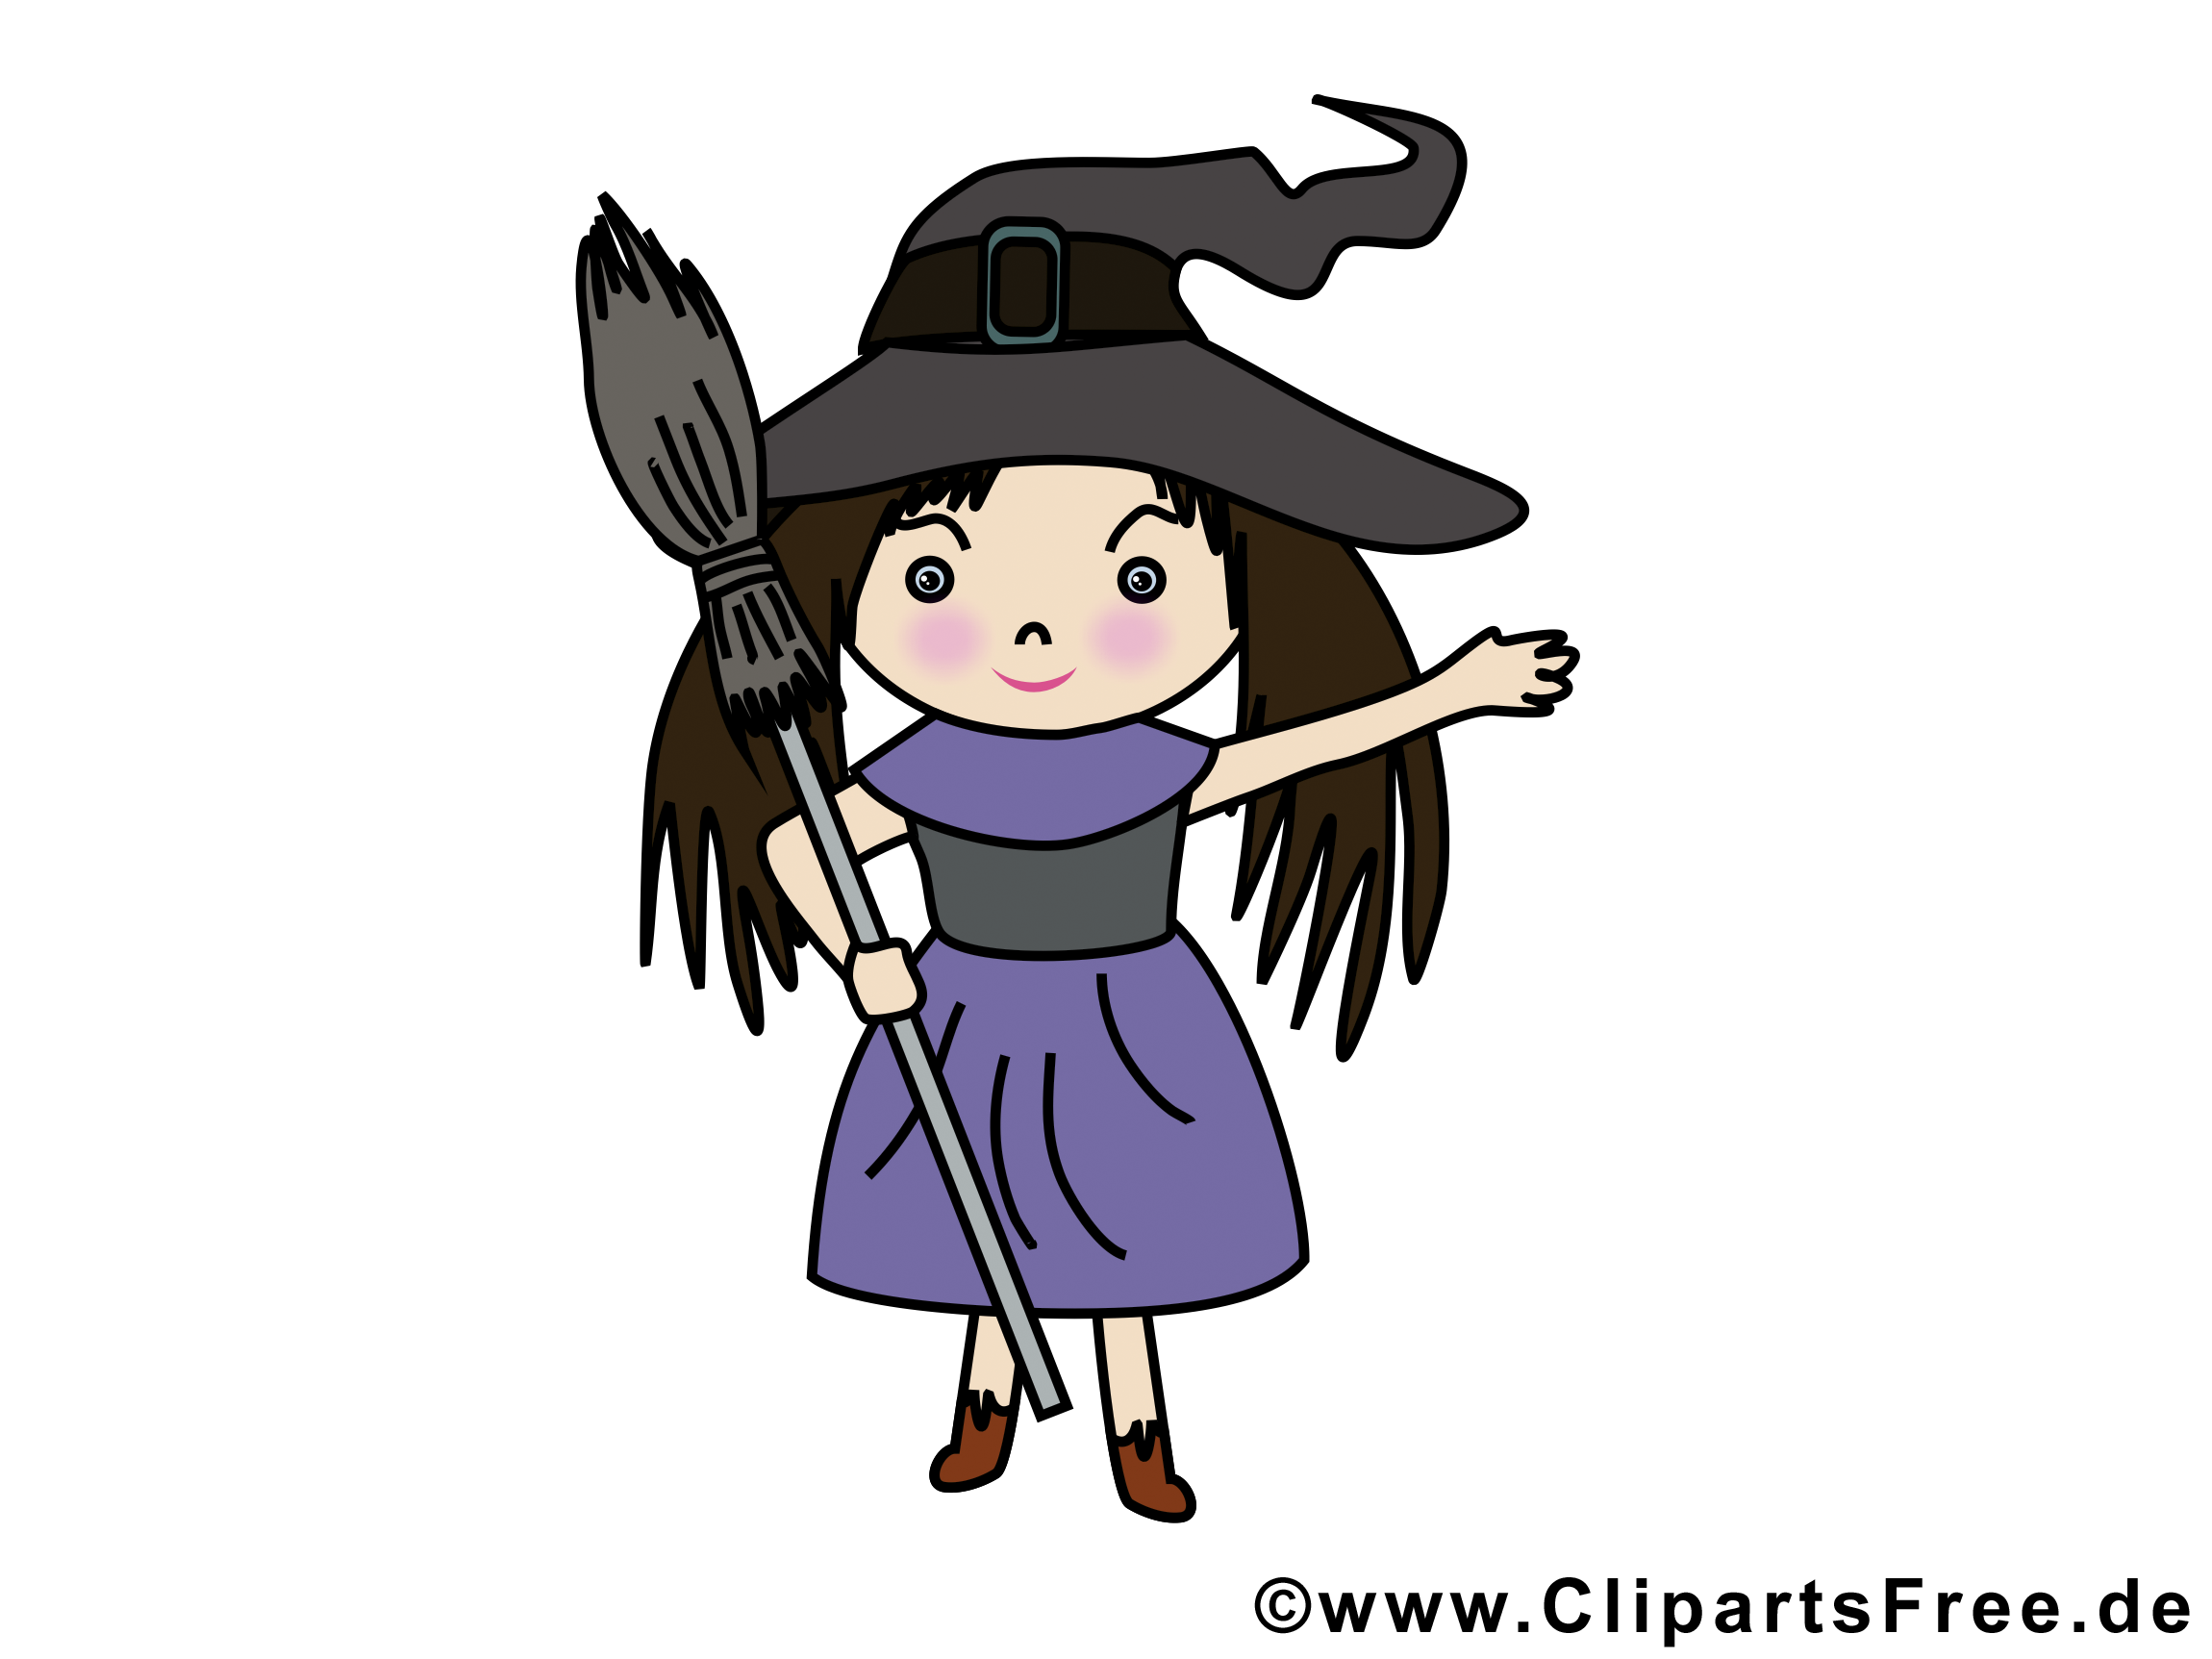 Fille sorcière image gratuite - Halloween illustration